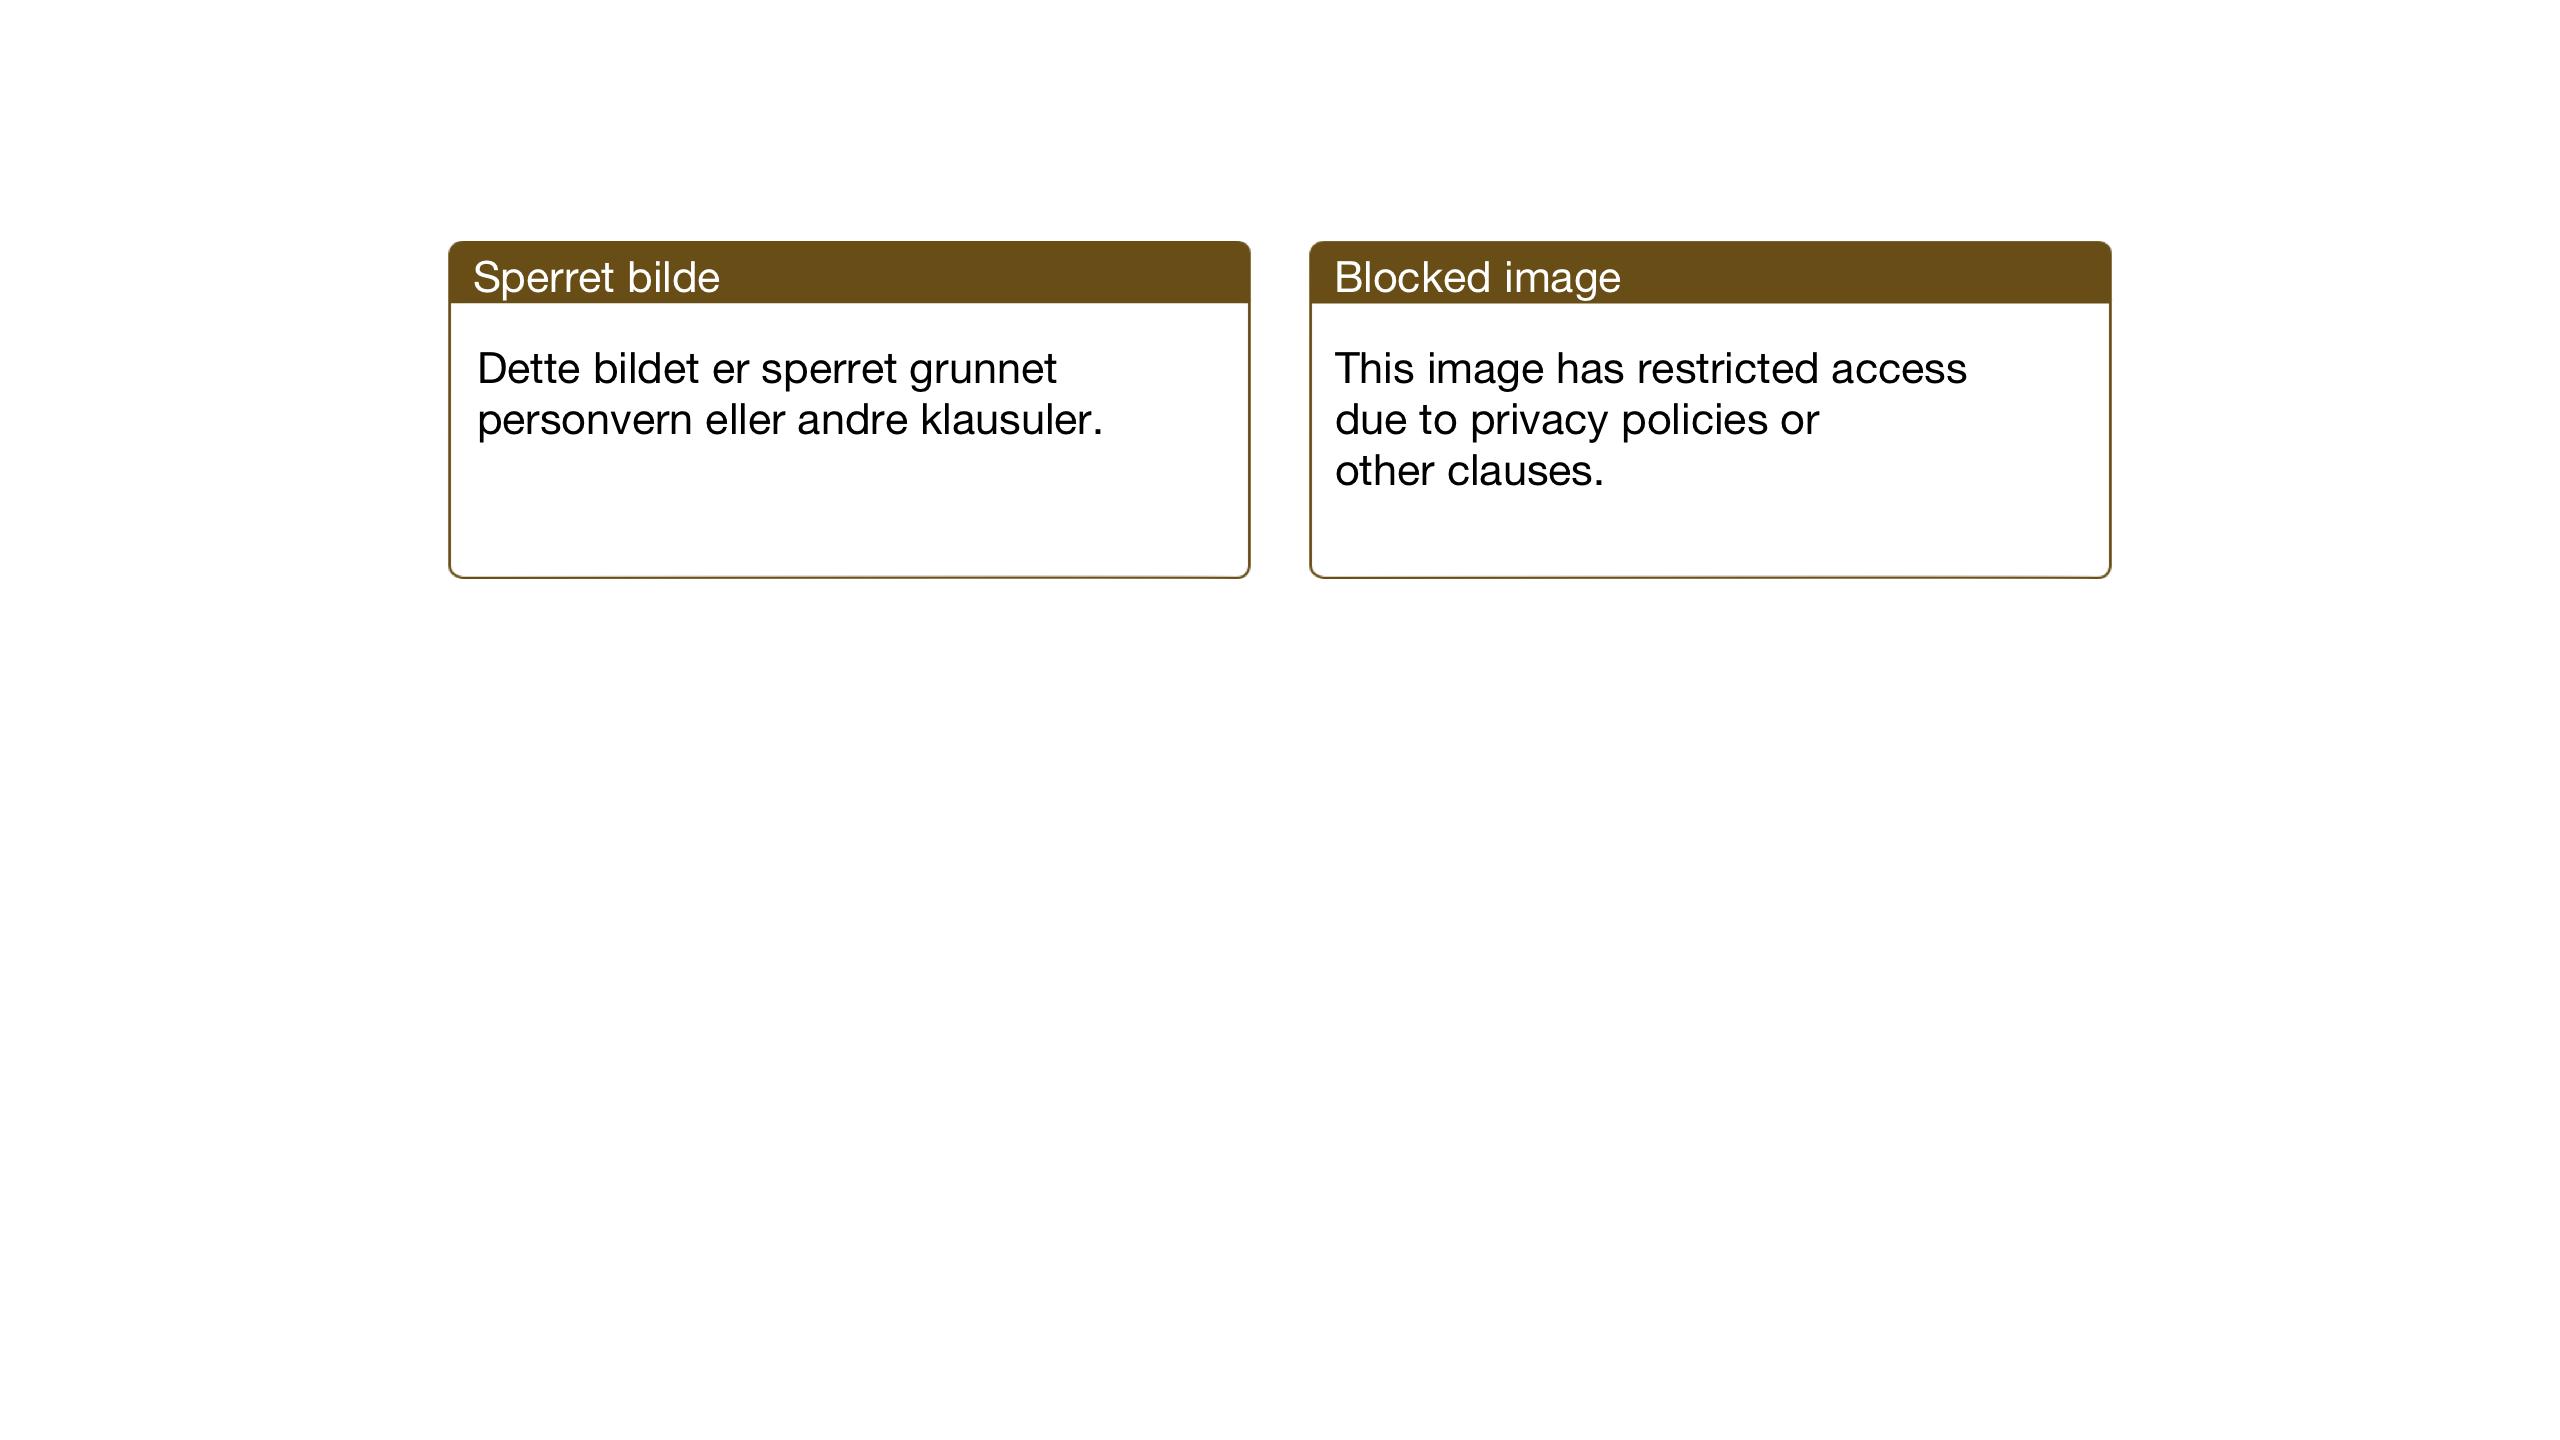 SAT, Ministerialprotokoller, klokkerbøker og fødselsregistre - Sør-Trøndelag, 674/L0878: Klokkerbok nr. 674C05, 1941-1950, s. 78